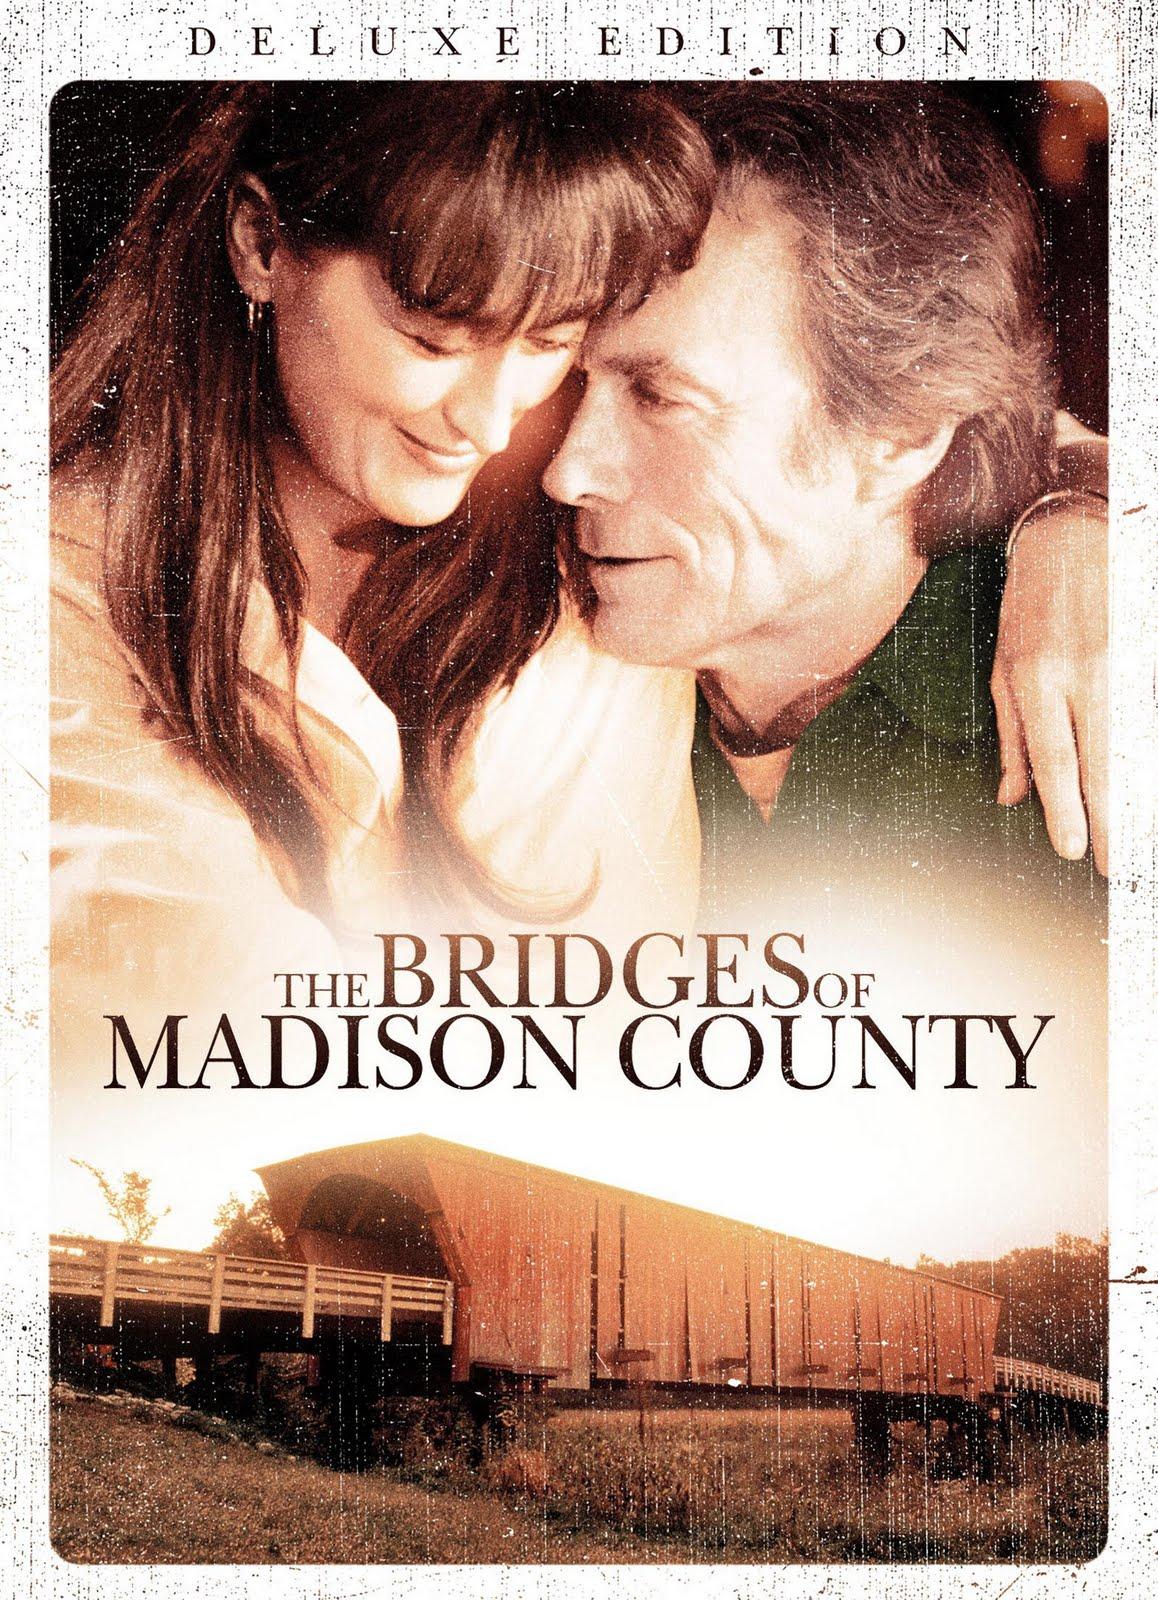 Co się wydarzyło w Madison County / The Bridges of Madison County